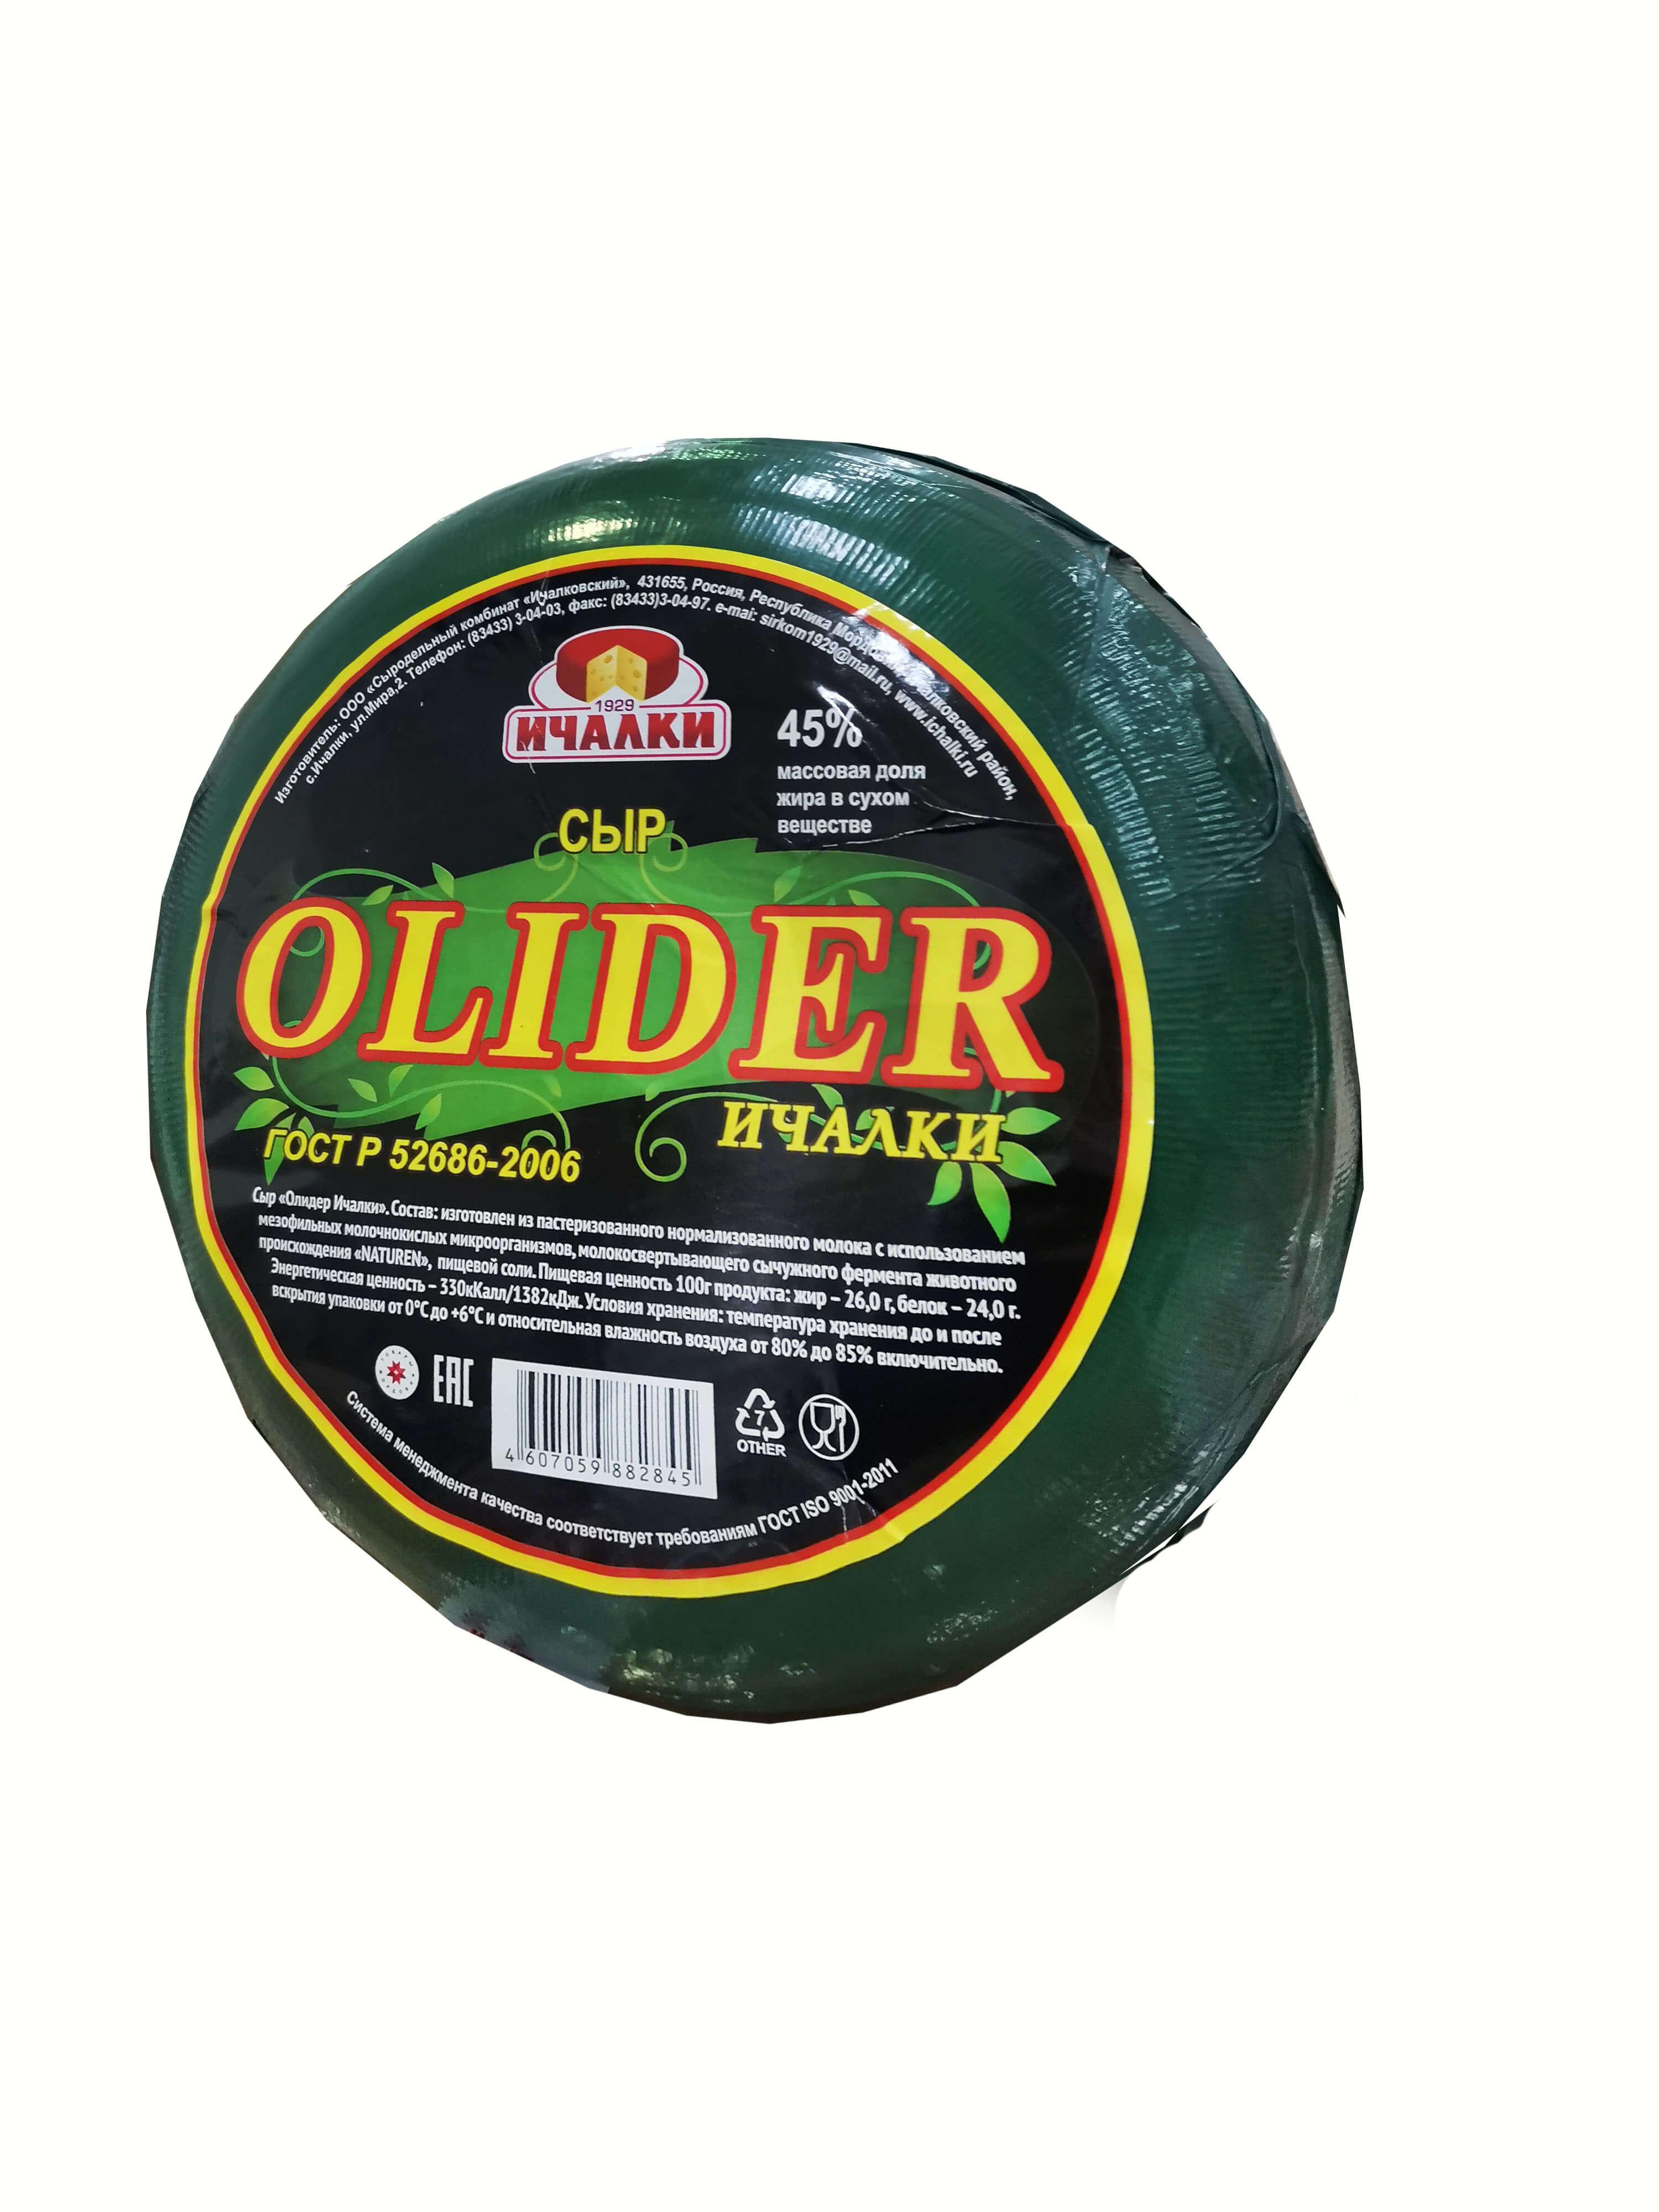 Олидер (Ичалки)